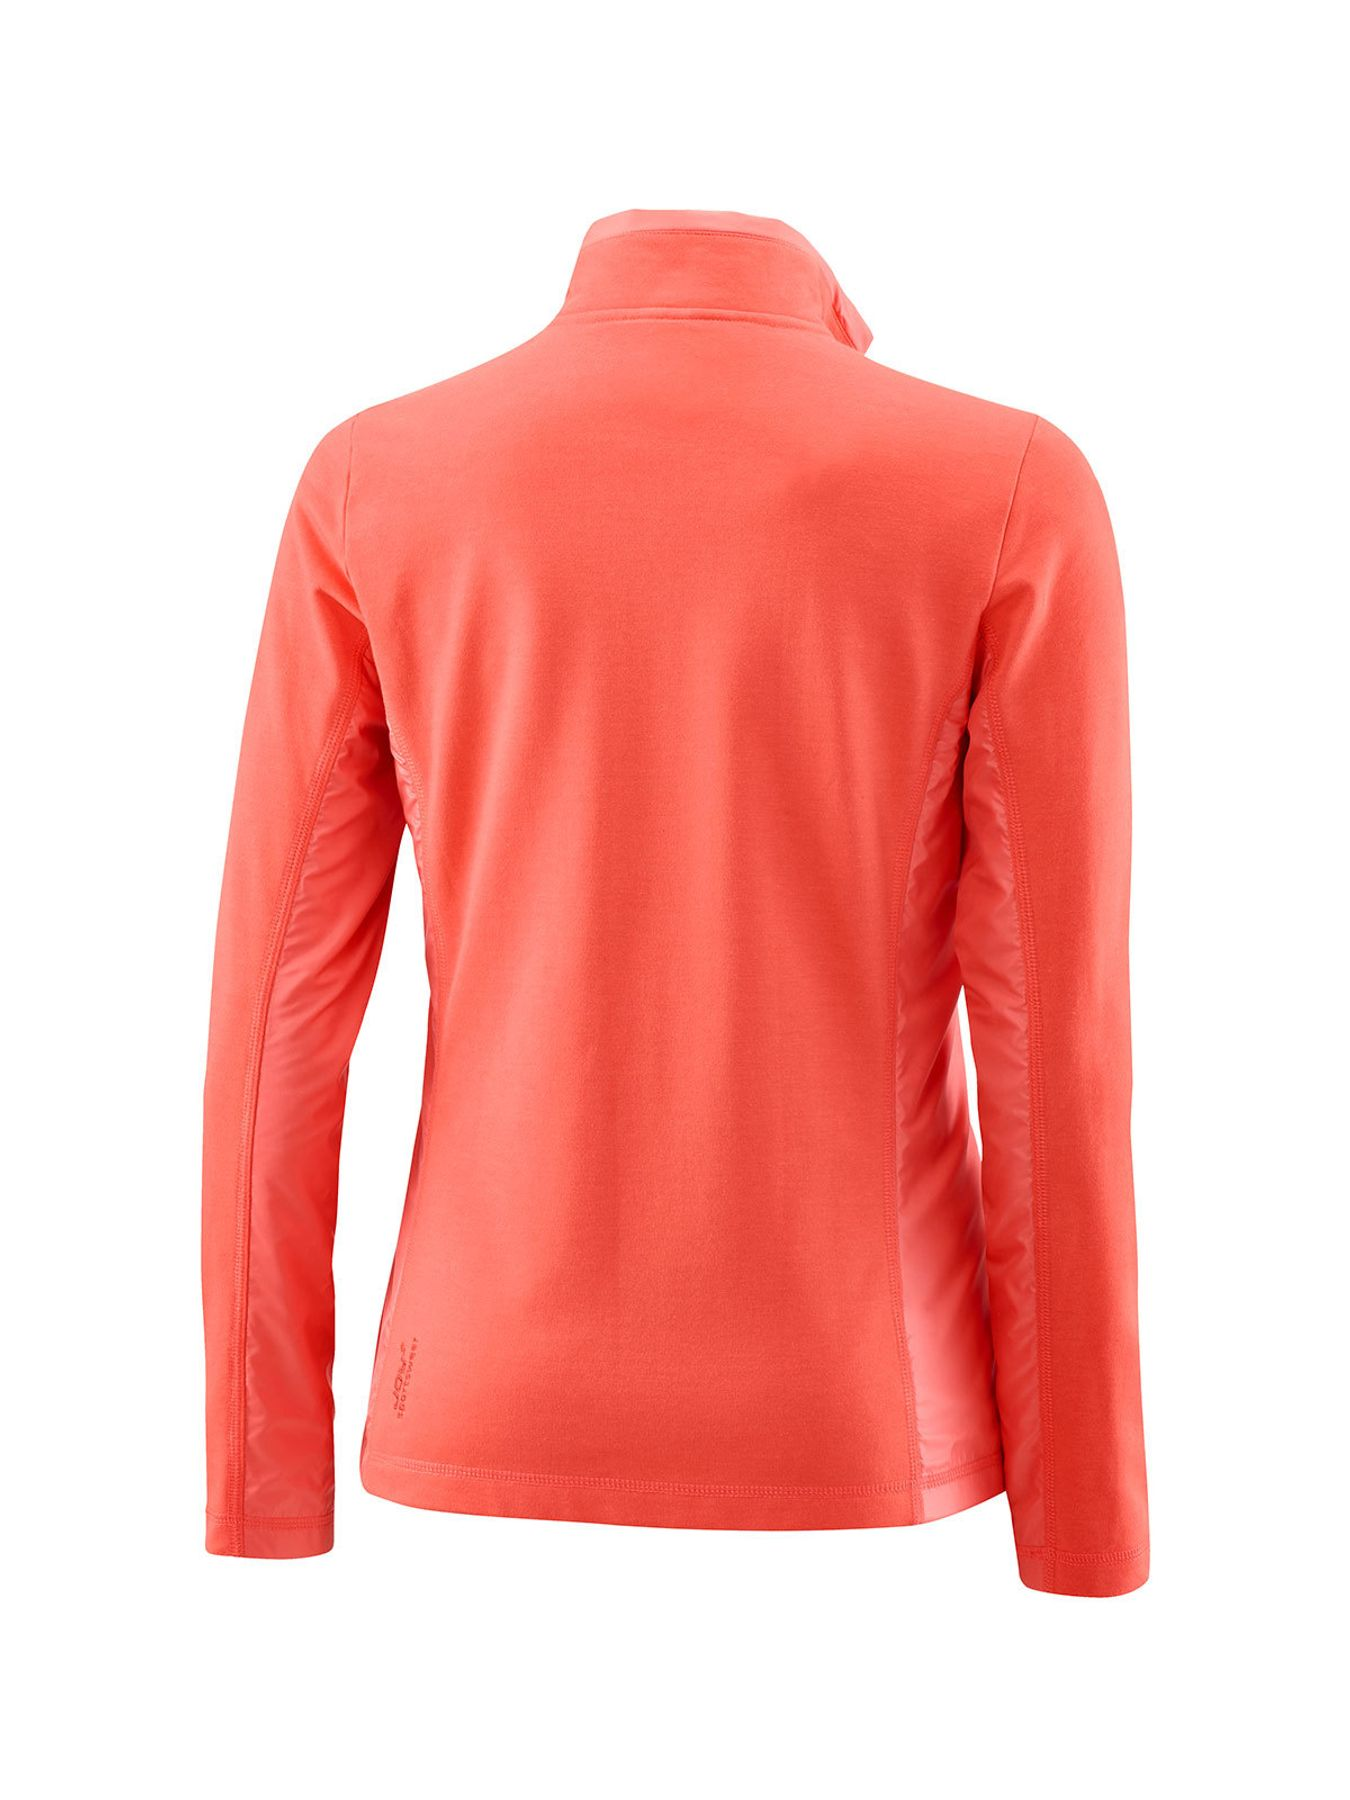 Joy - Damen Sport und Freizeit Jacke in mehreren Farben, Diandra (34487 A) – Bild 8